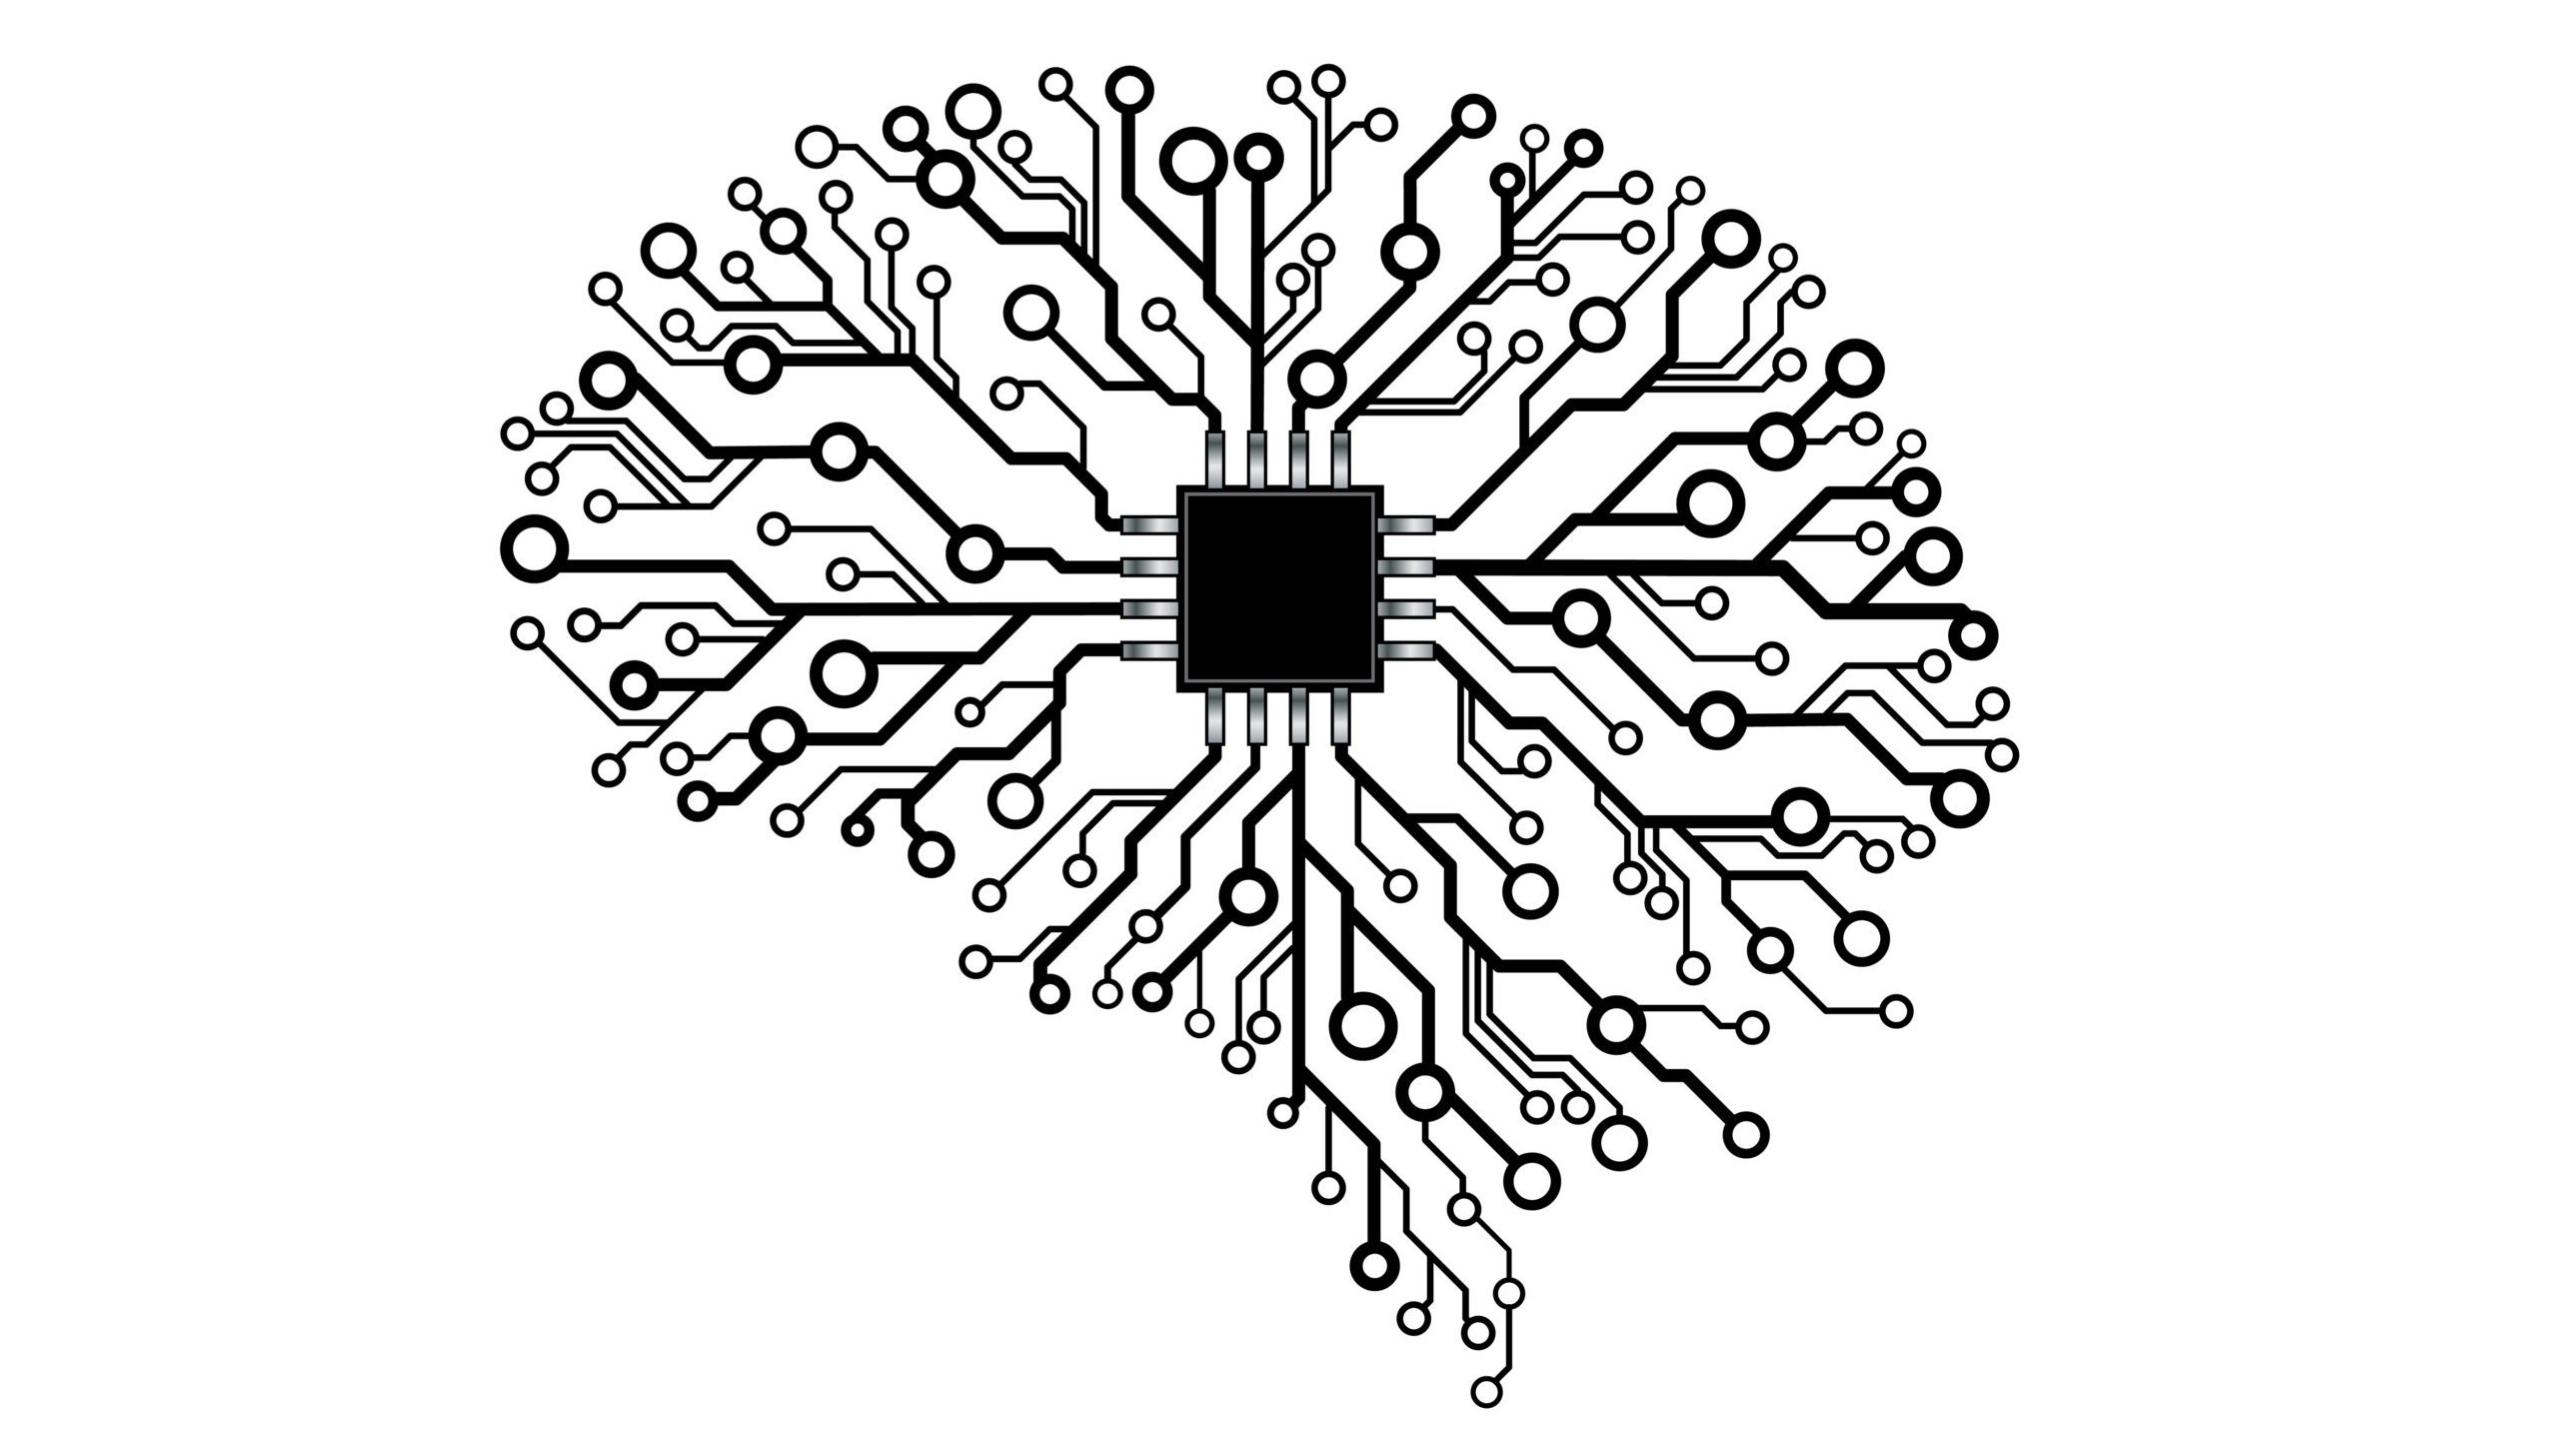 Где применять нейроморфные процессоры?